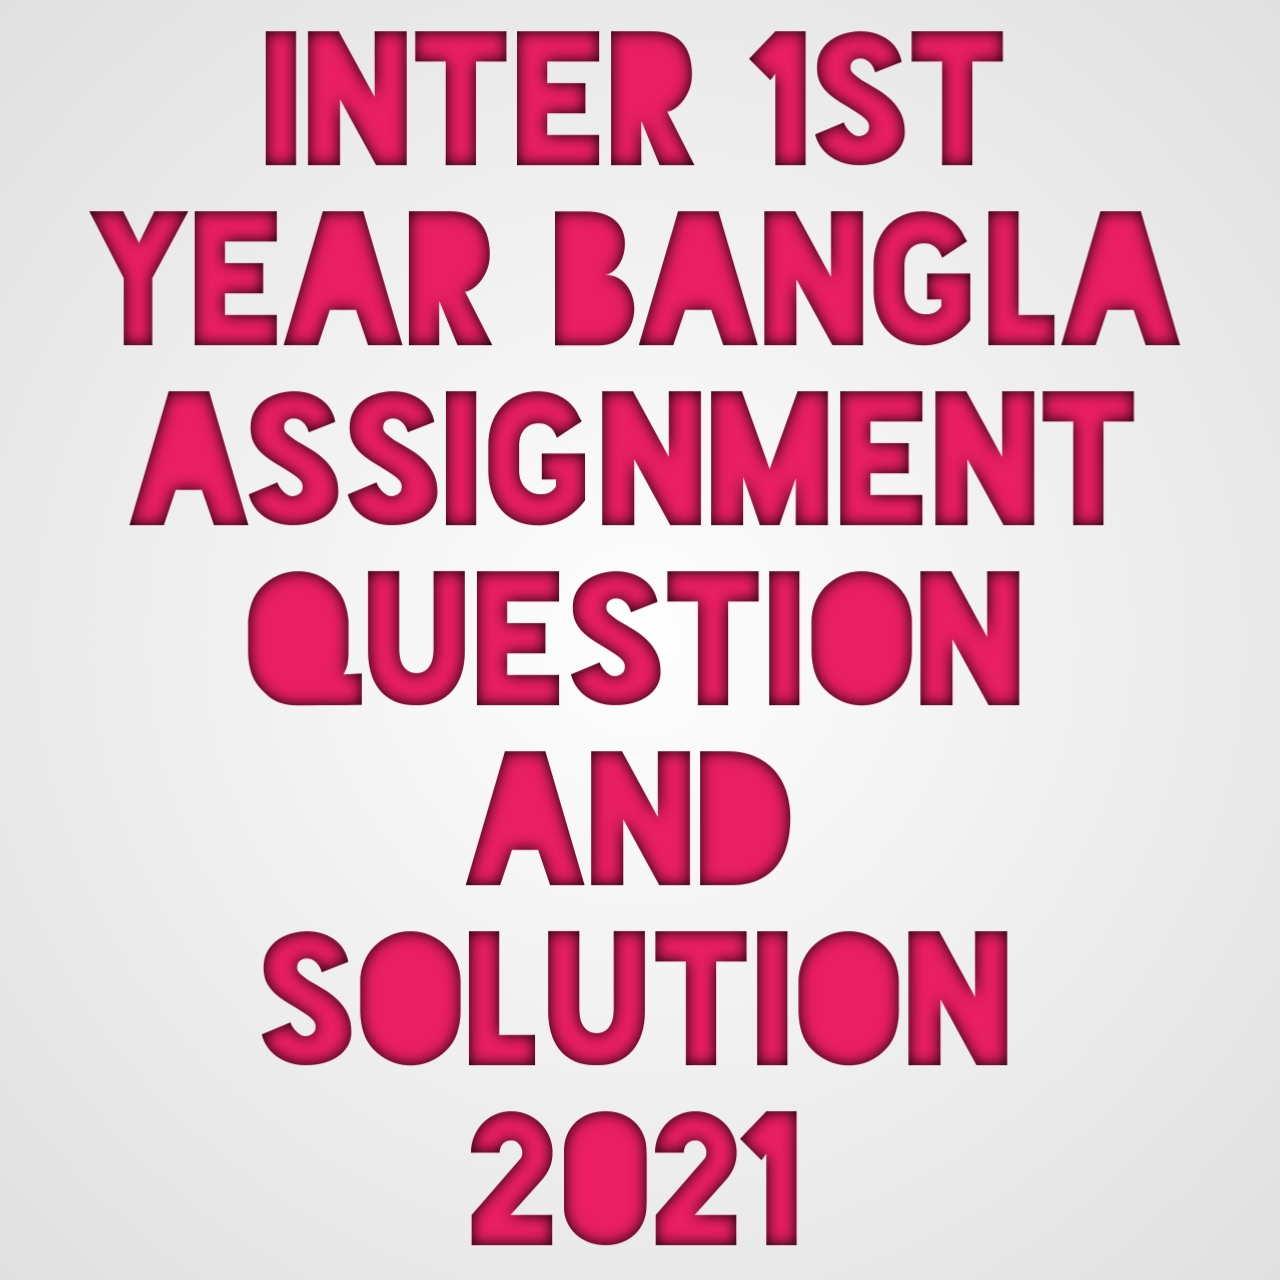 Bangla assignment class 11, inter 1st year assignment 2021 Bangla, inter 1st Year assignment Bangla 1st paper, Class 11 assignment Bangla answer, বাংলা অ্যাসাইনমেন্ট একাদশ শ্রেণির, একাদশ শ্রেণির বাংলা এসাইনমেন্ট ২০২১,